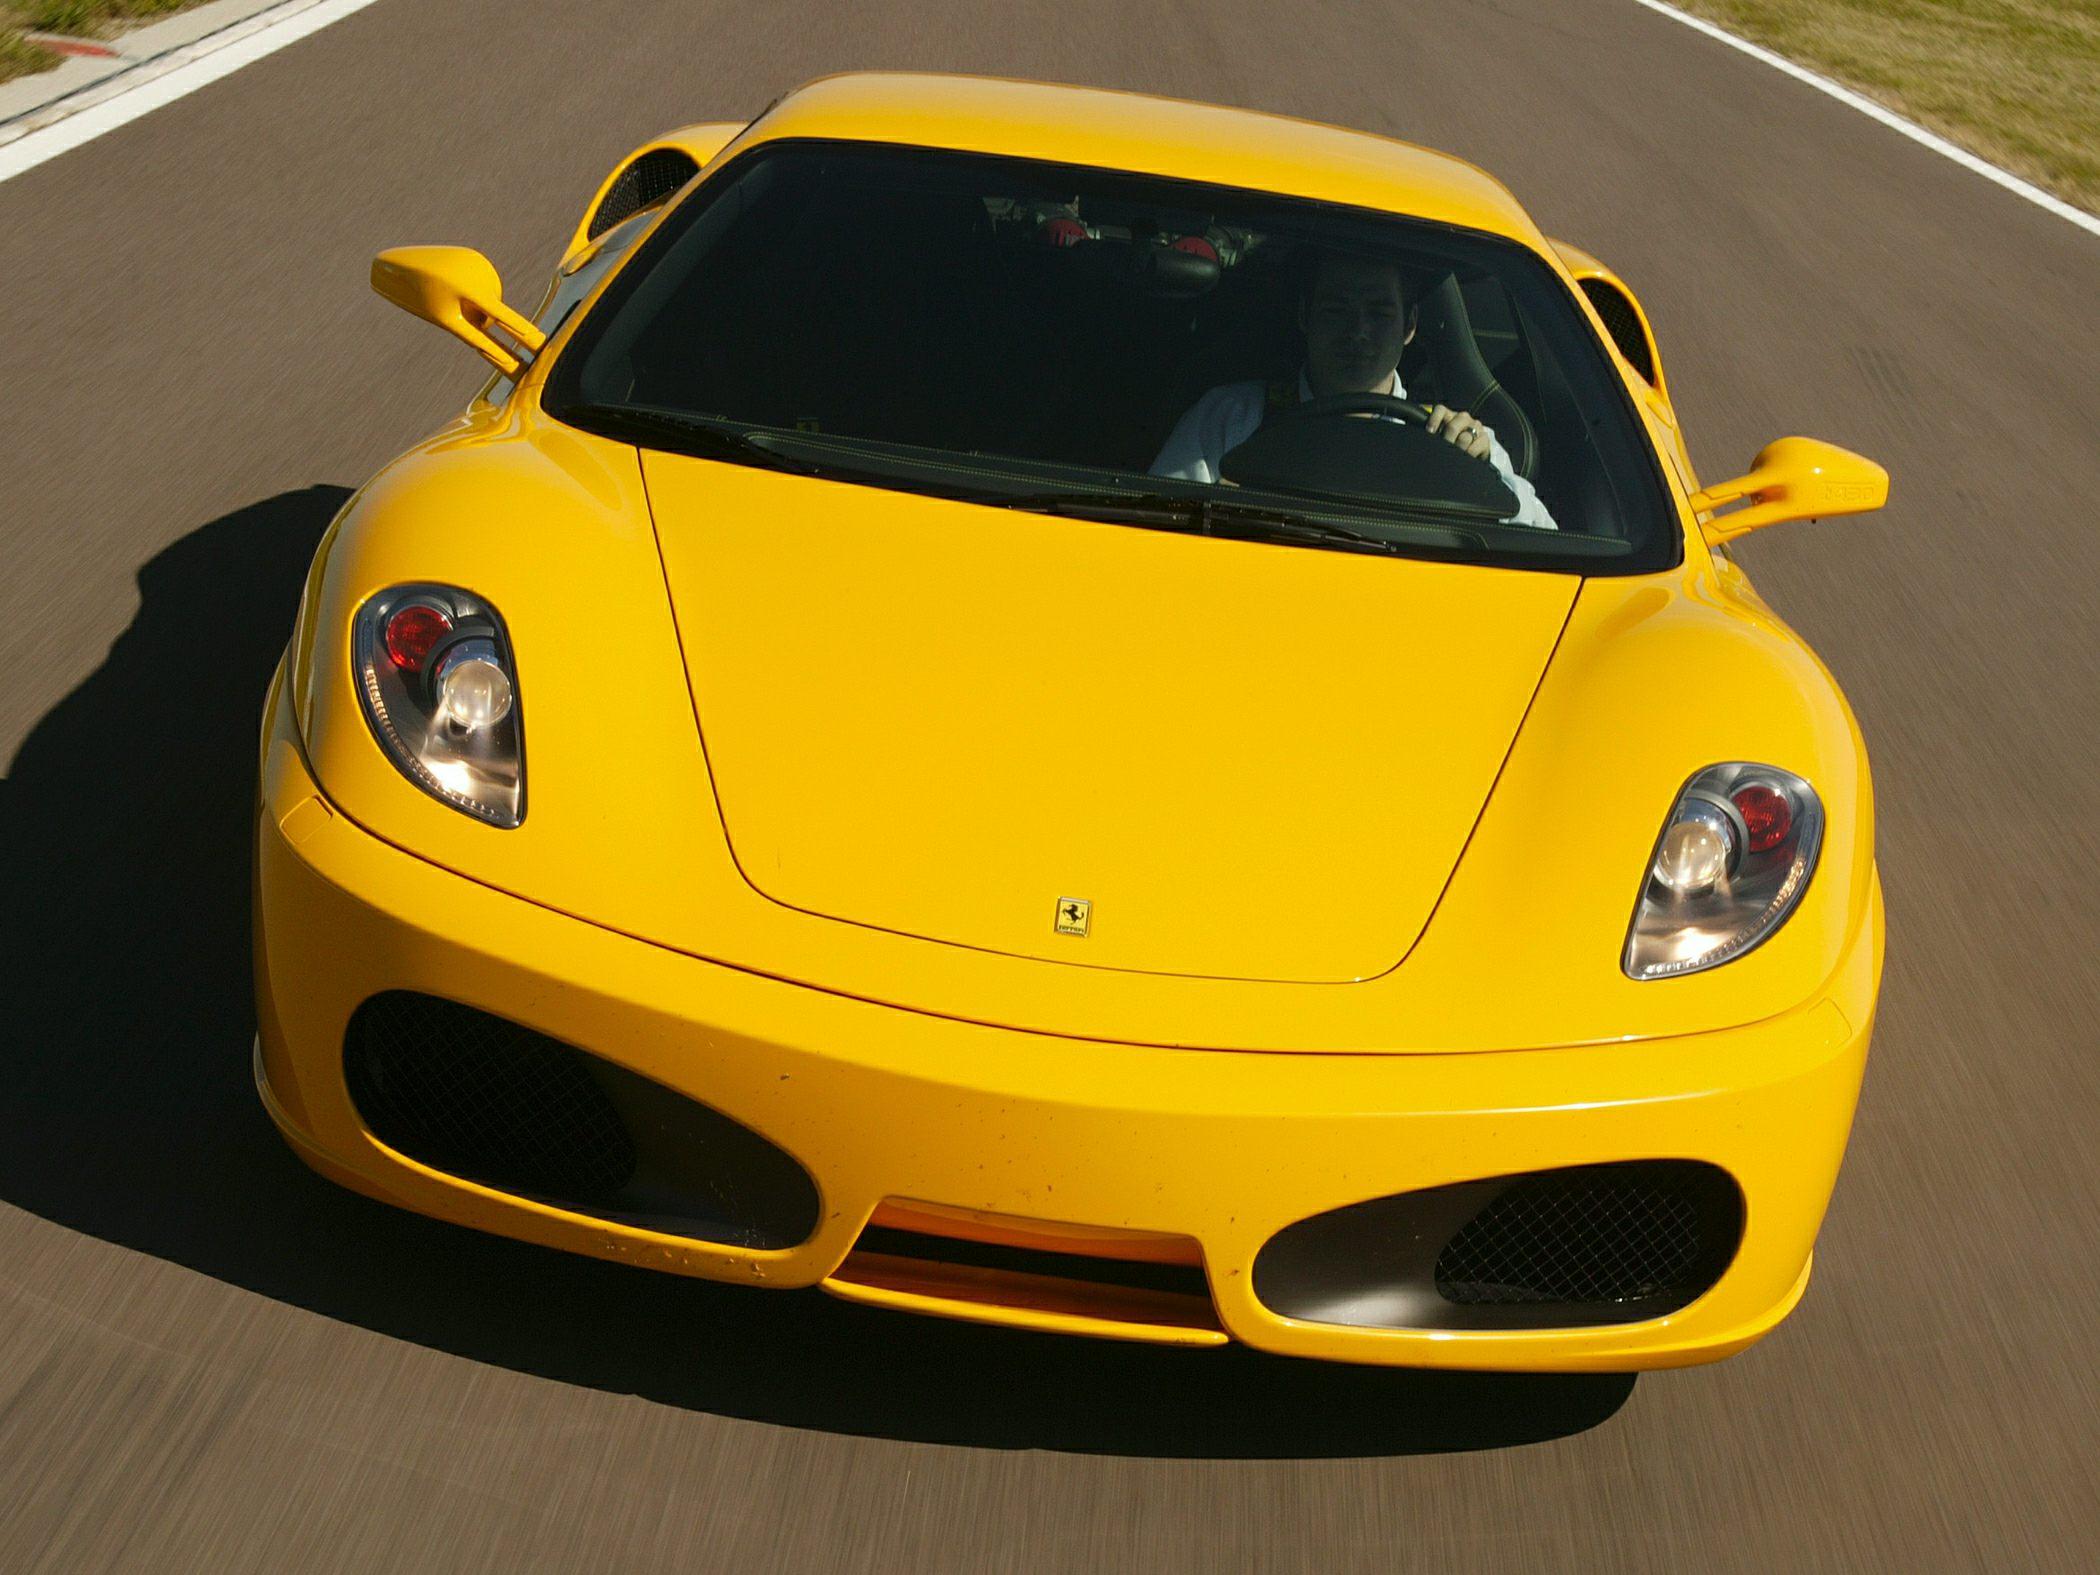 2005 Ferrari F430 Specs and Prices